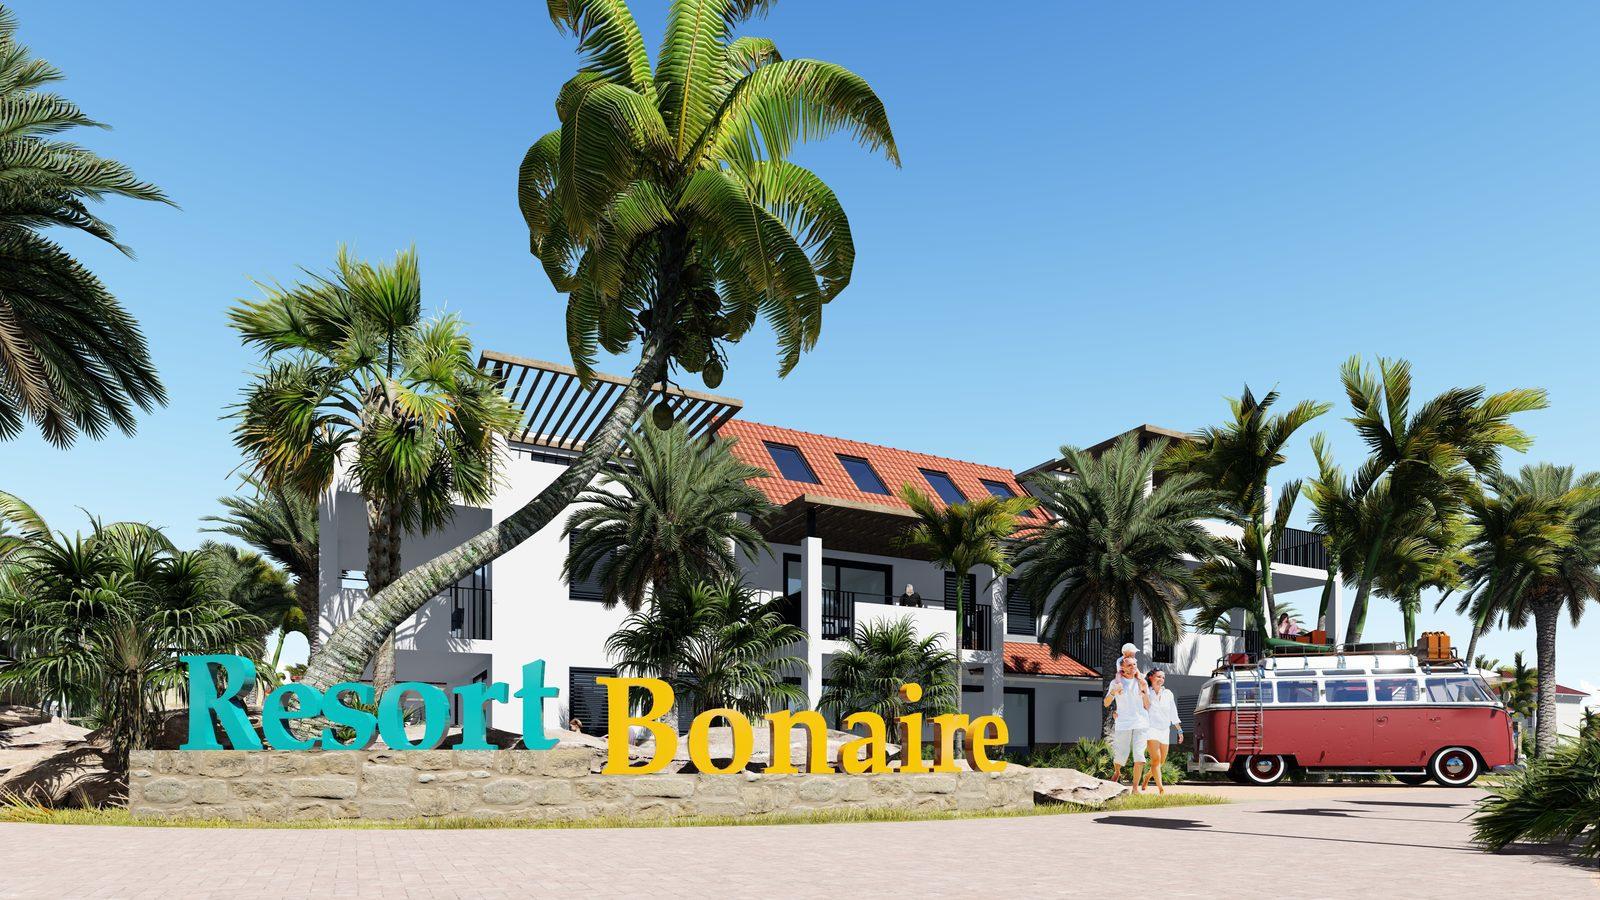 Casas para alugar no Resort Bonaire, a sul da capital Kralendijk. Veja os nossos apartamentos e desfrute da sua estadia.